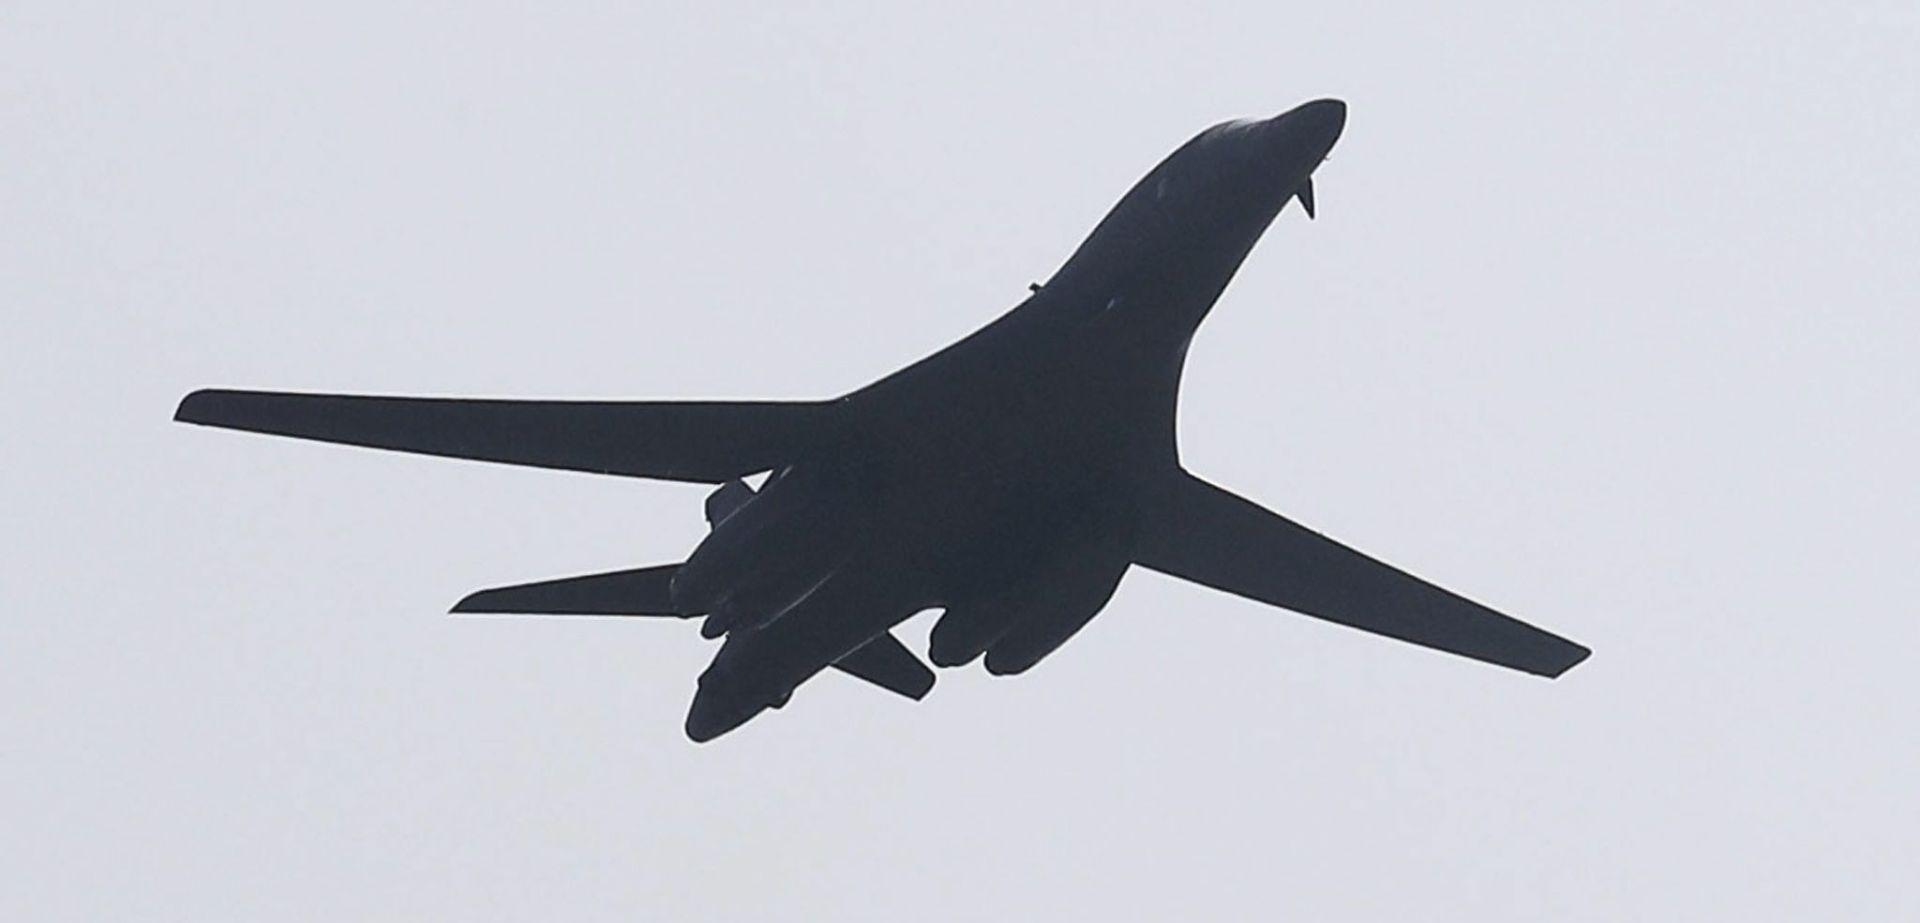 ODGOVOR NA NUKLEARNI TEST PYONGYANGA Američki bombarderi nadlijetali Južnu Koreju